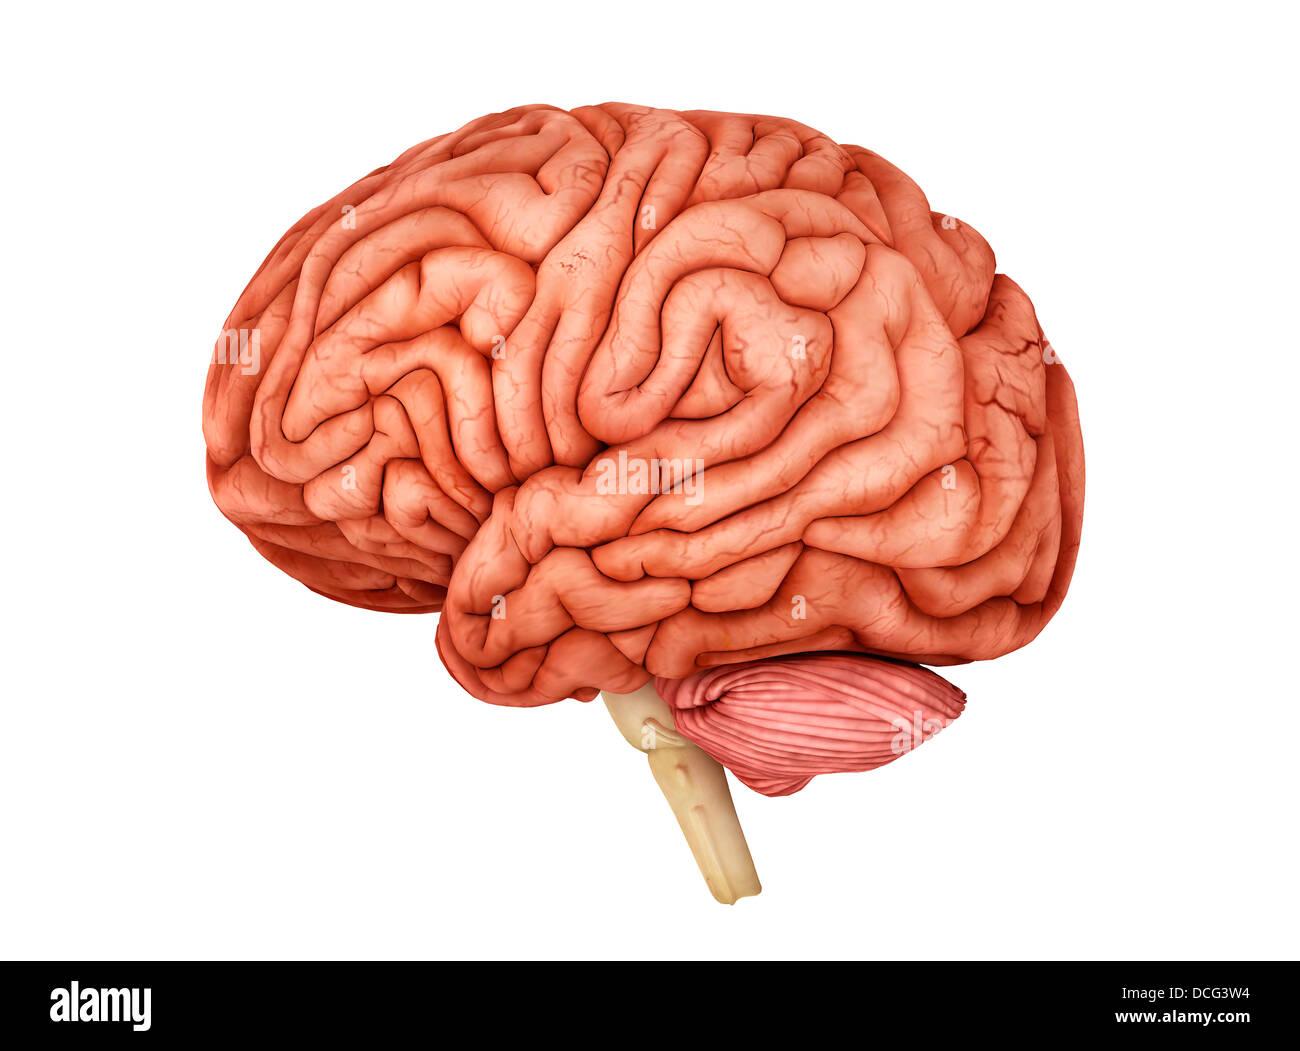 Anatomie du cerveau humain, vue de côté. Photo Stock